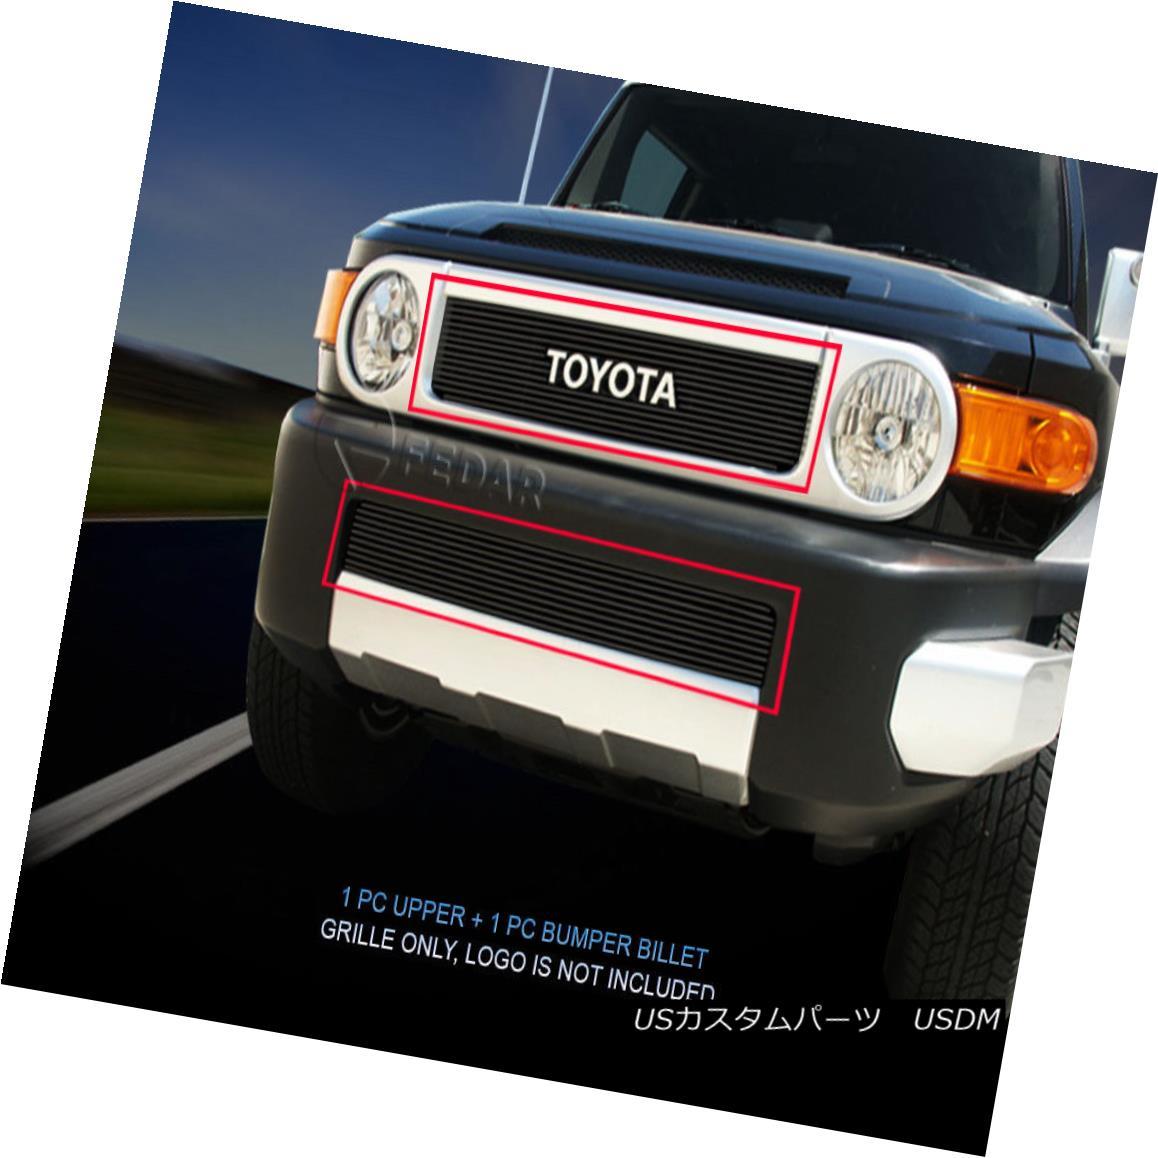 グリル Fedar Fits 07-14 Toyota FJ Cruiser Combo Black Billet Grille Overlay Fedar Fits 07-06トヨタFJクルーザーコンボブラックビレットグリルオーバーレイ